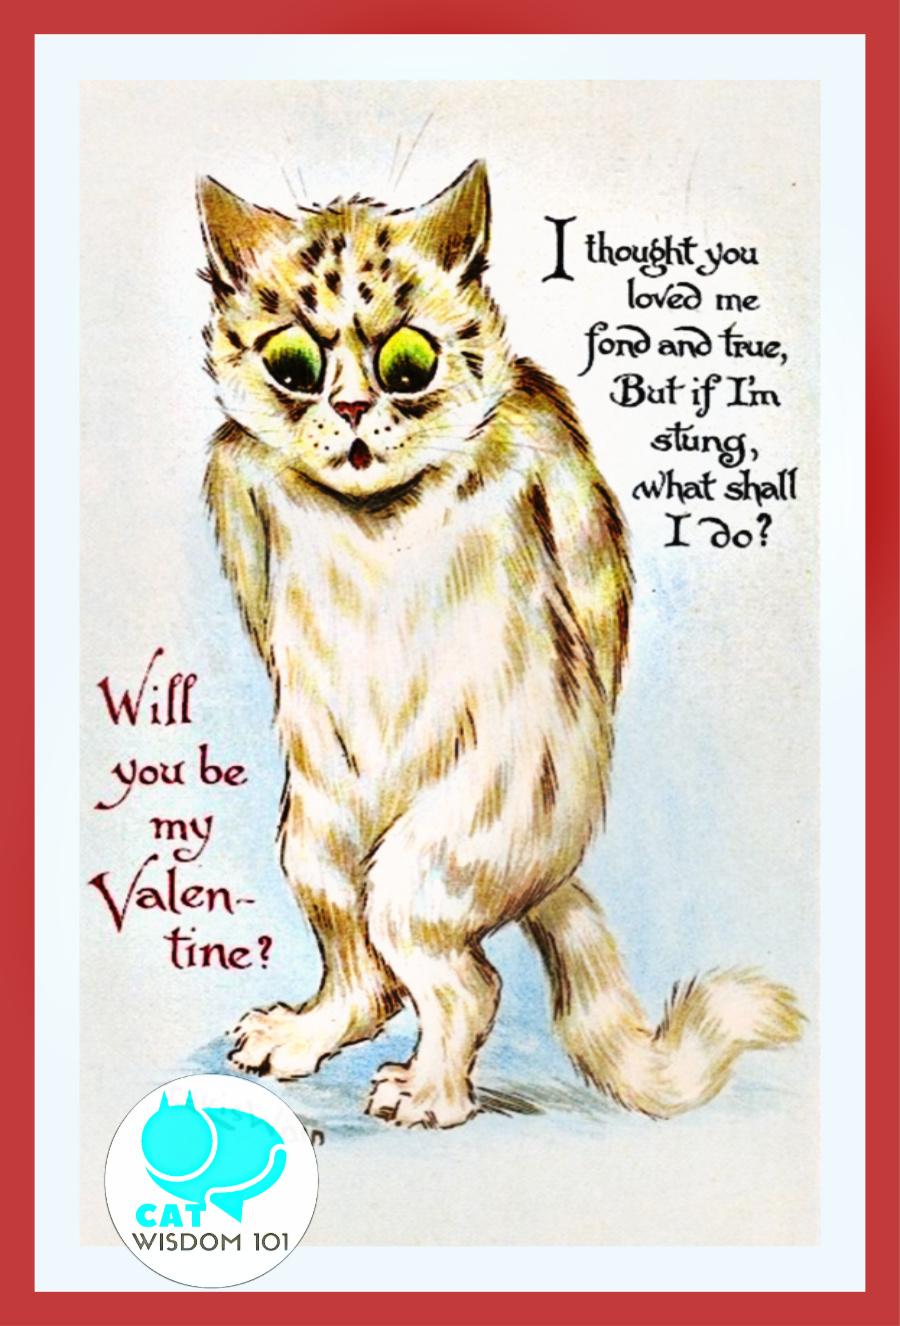 valentine_unhappy_catwisdom101